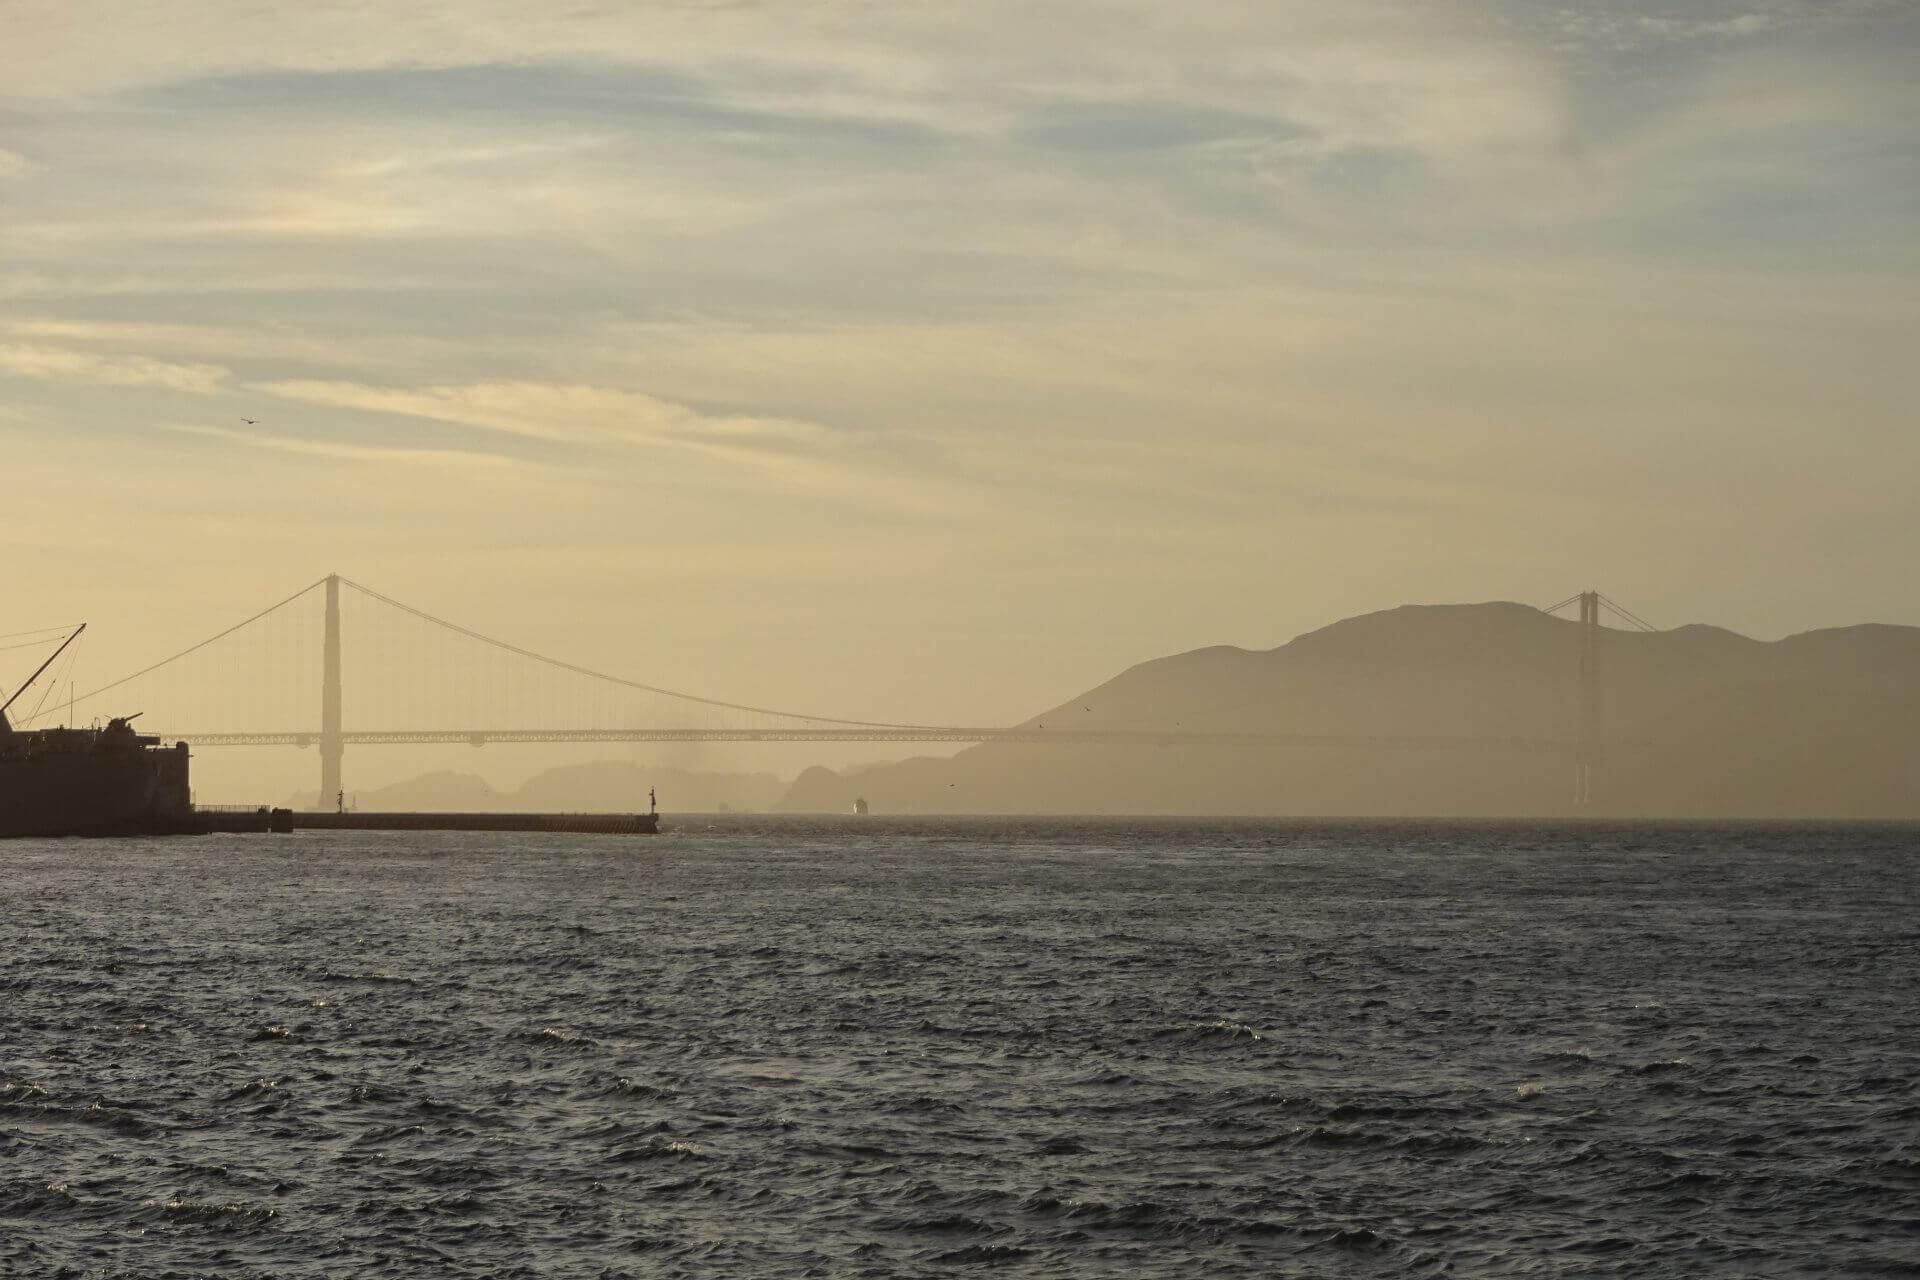 Diesige Bay Area. Bilder und Eindrücke aus San Francisco, California, United States.